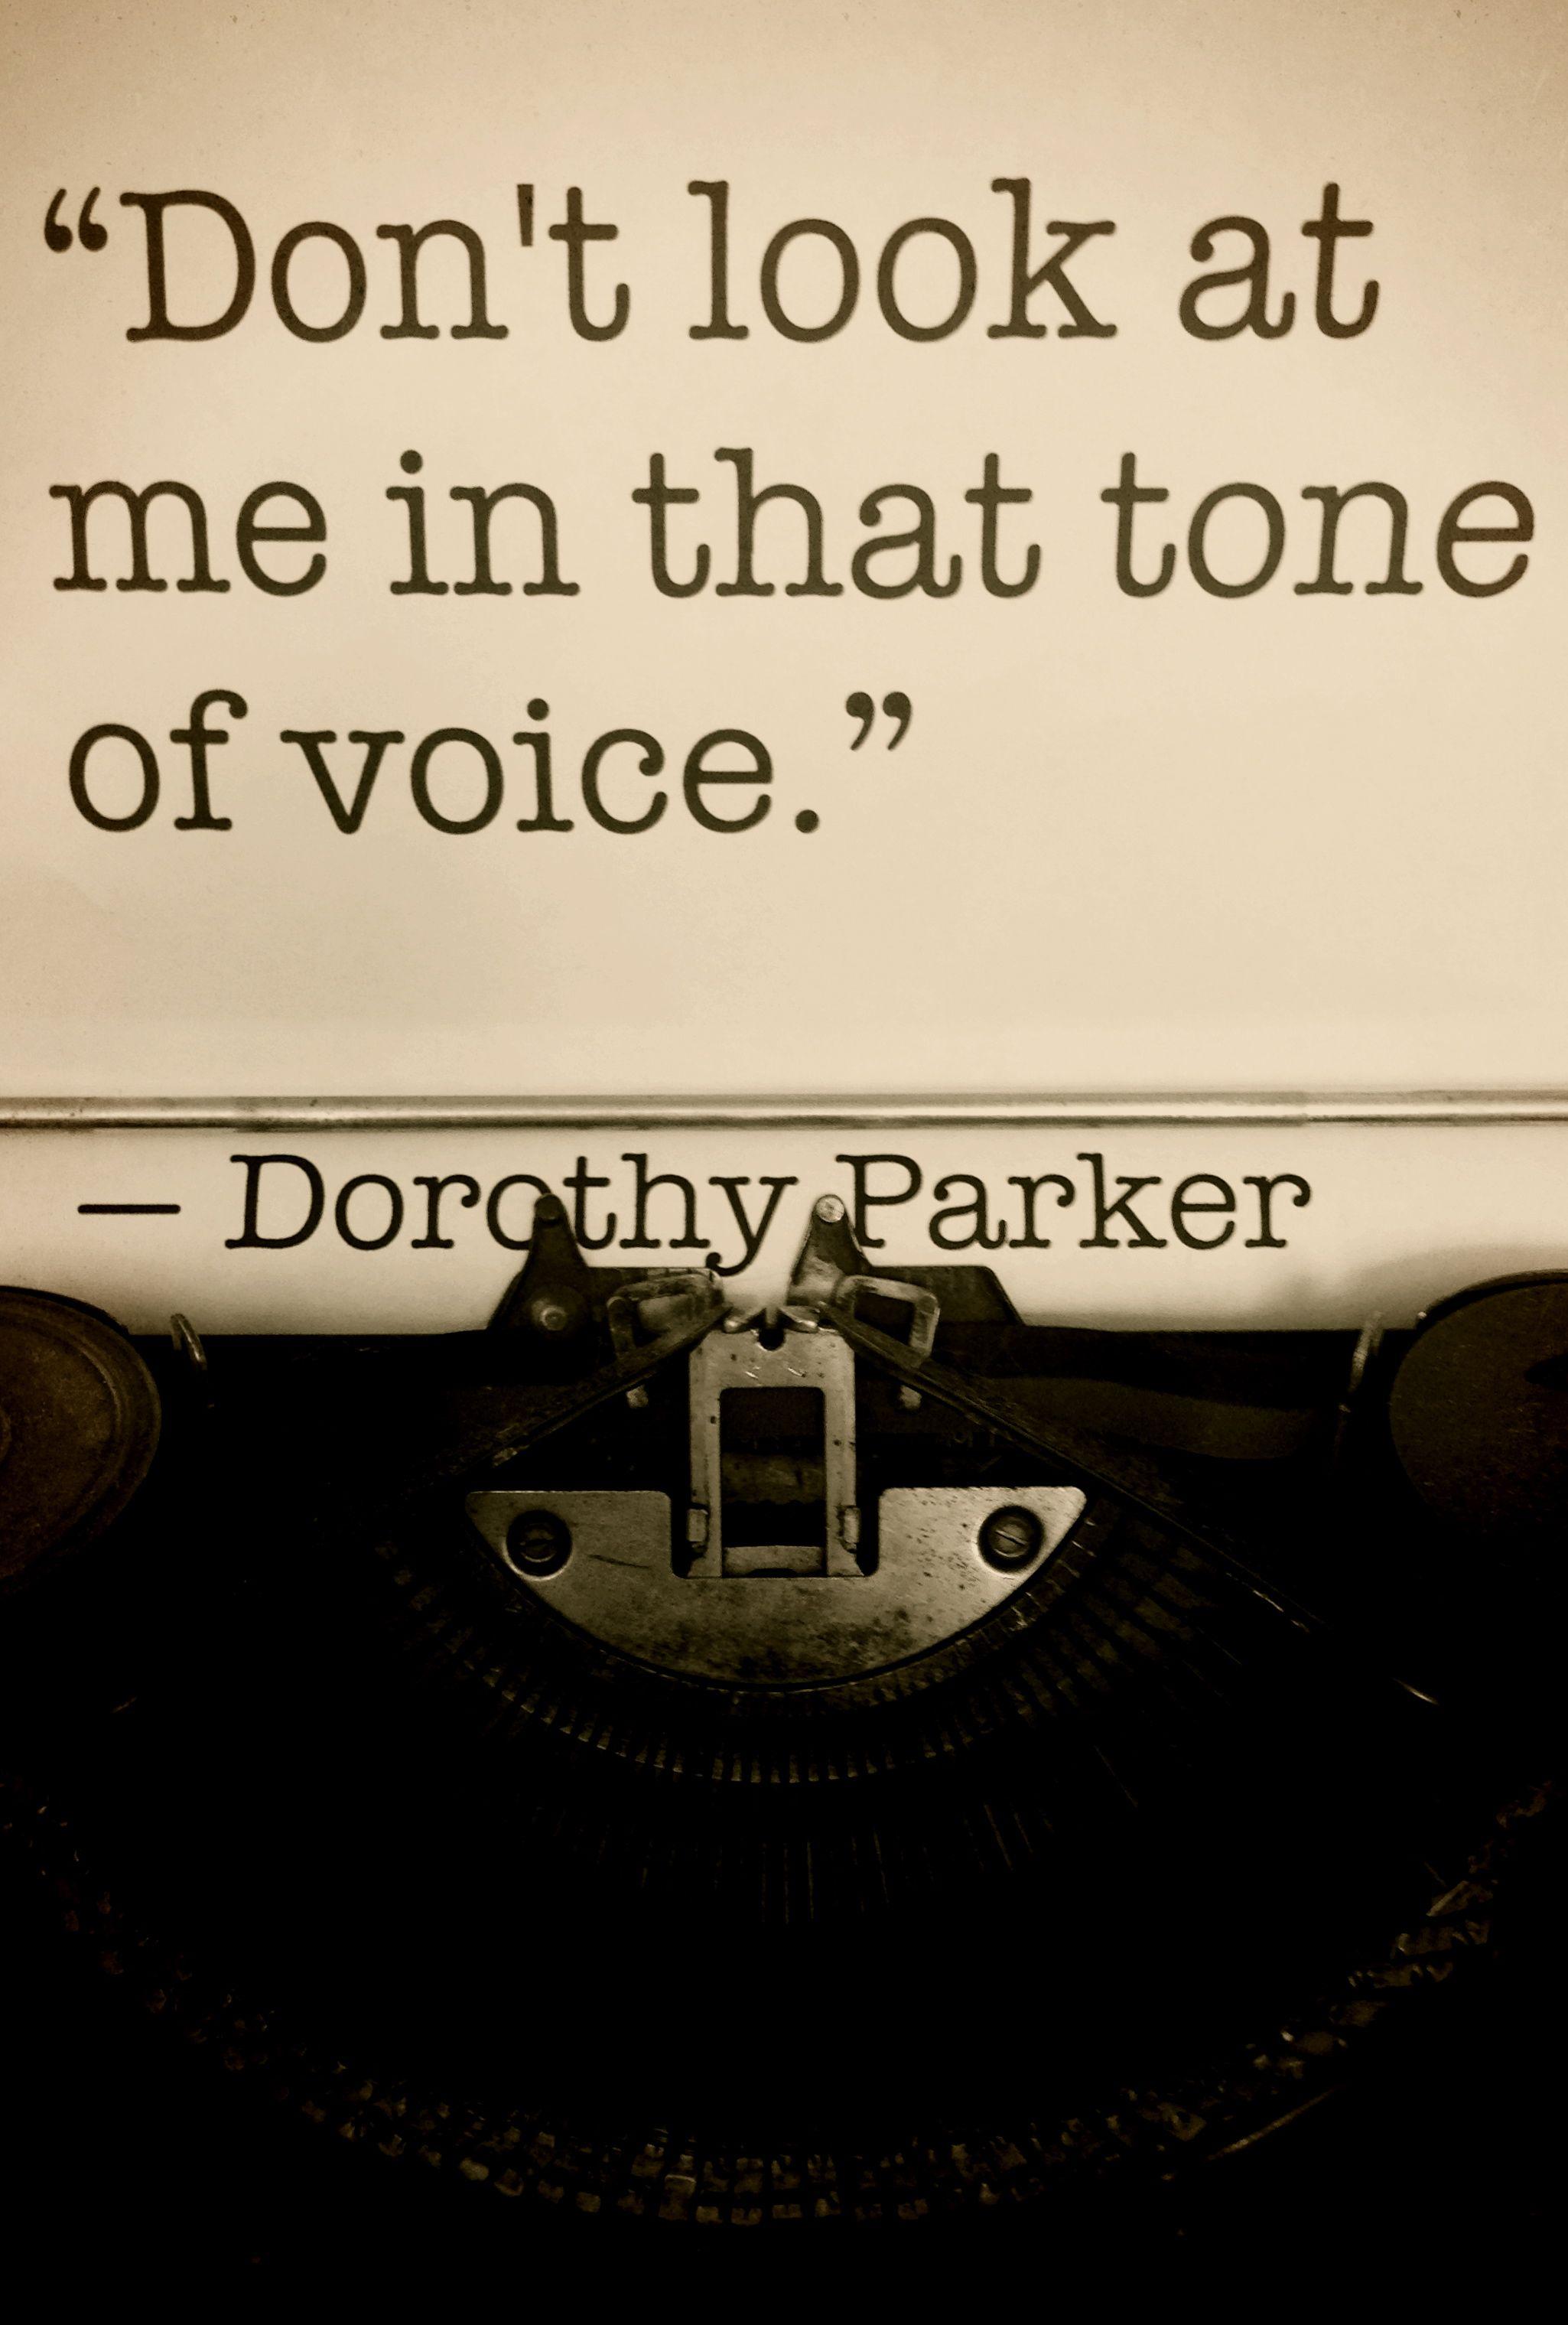 Dorothy Parker ccc☼→p→cl∞cl∞cl∞cl∞cl∞cl∞cl∞cl∞cl∞cl∞cl ...